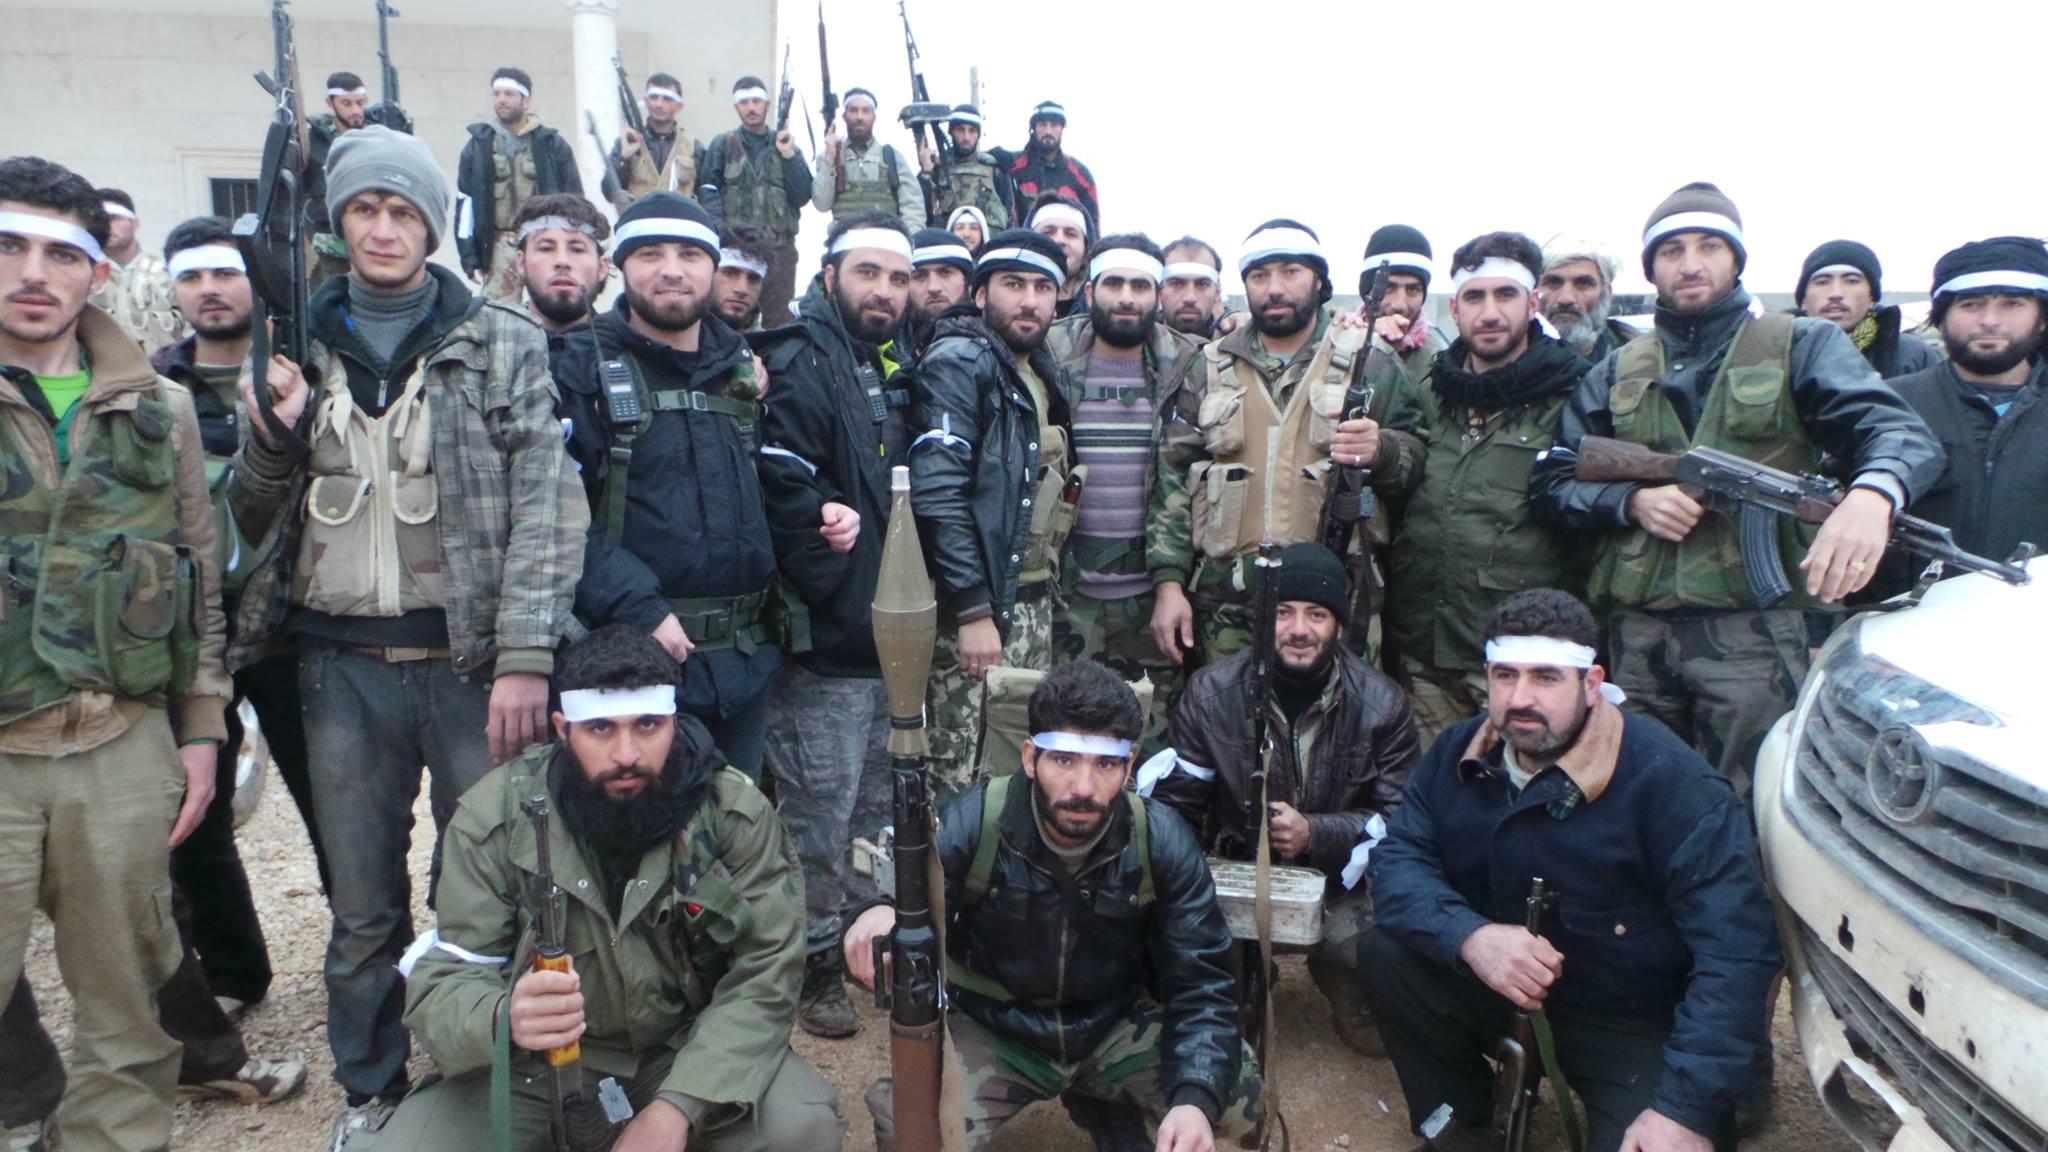 تقرير: استراتيجية واشنطن في سوريا تتعثر بسقوط حركة حزم المعارضة